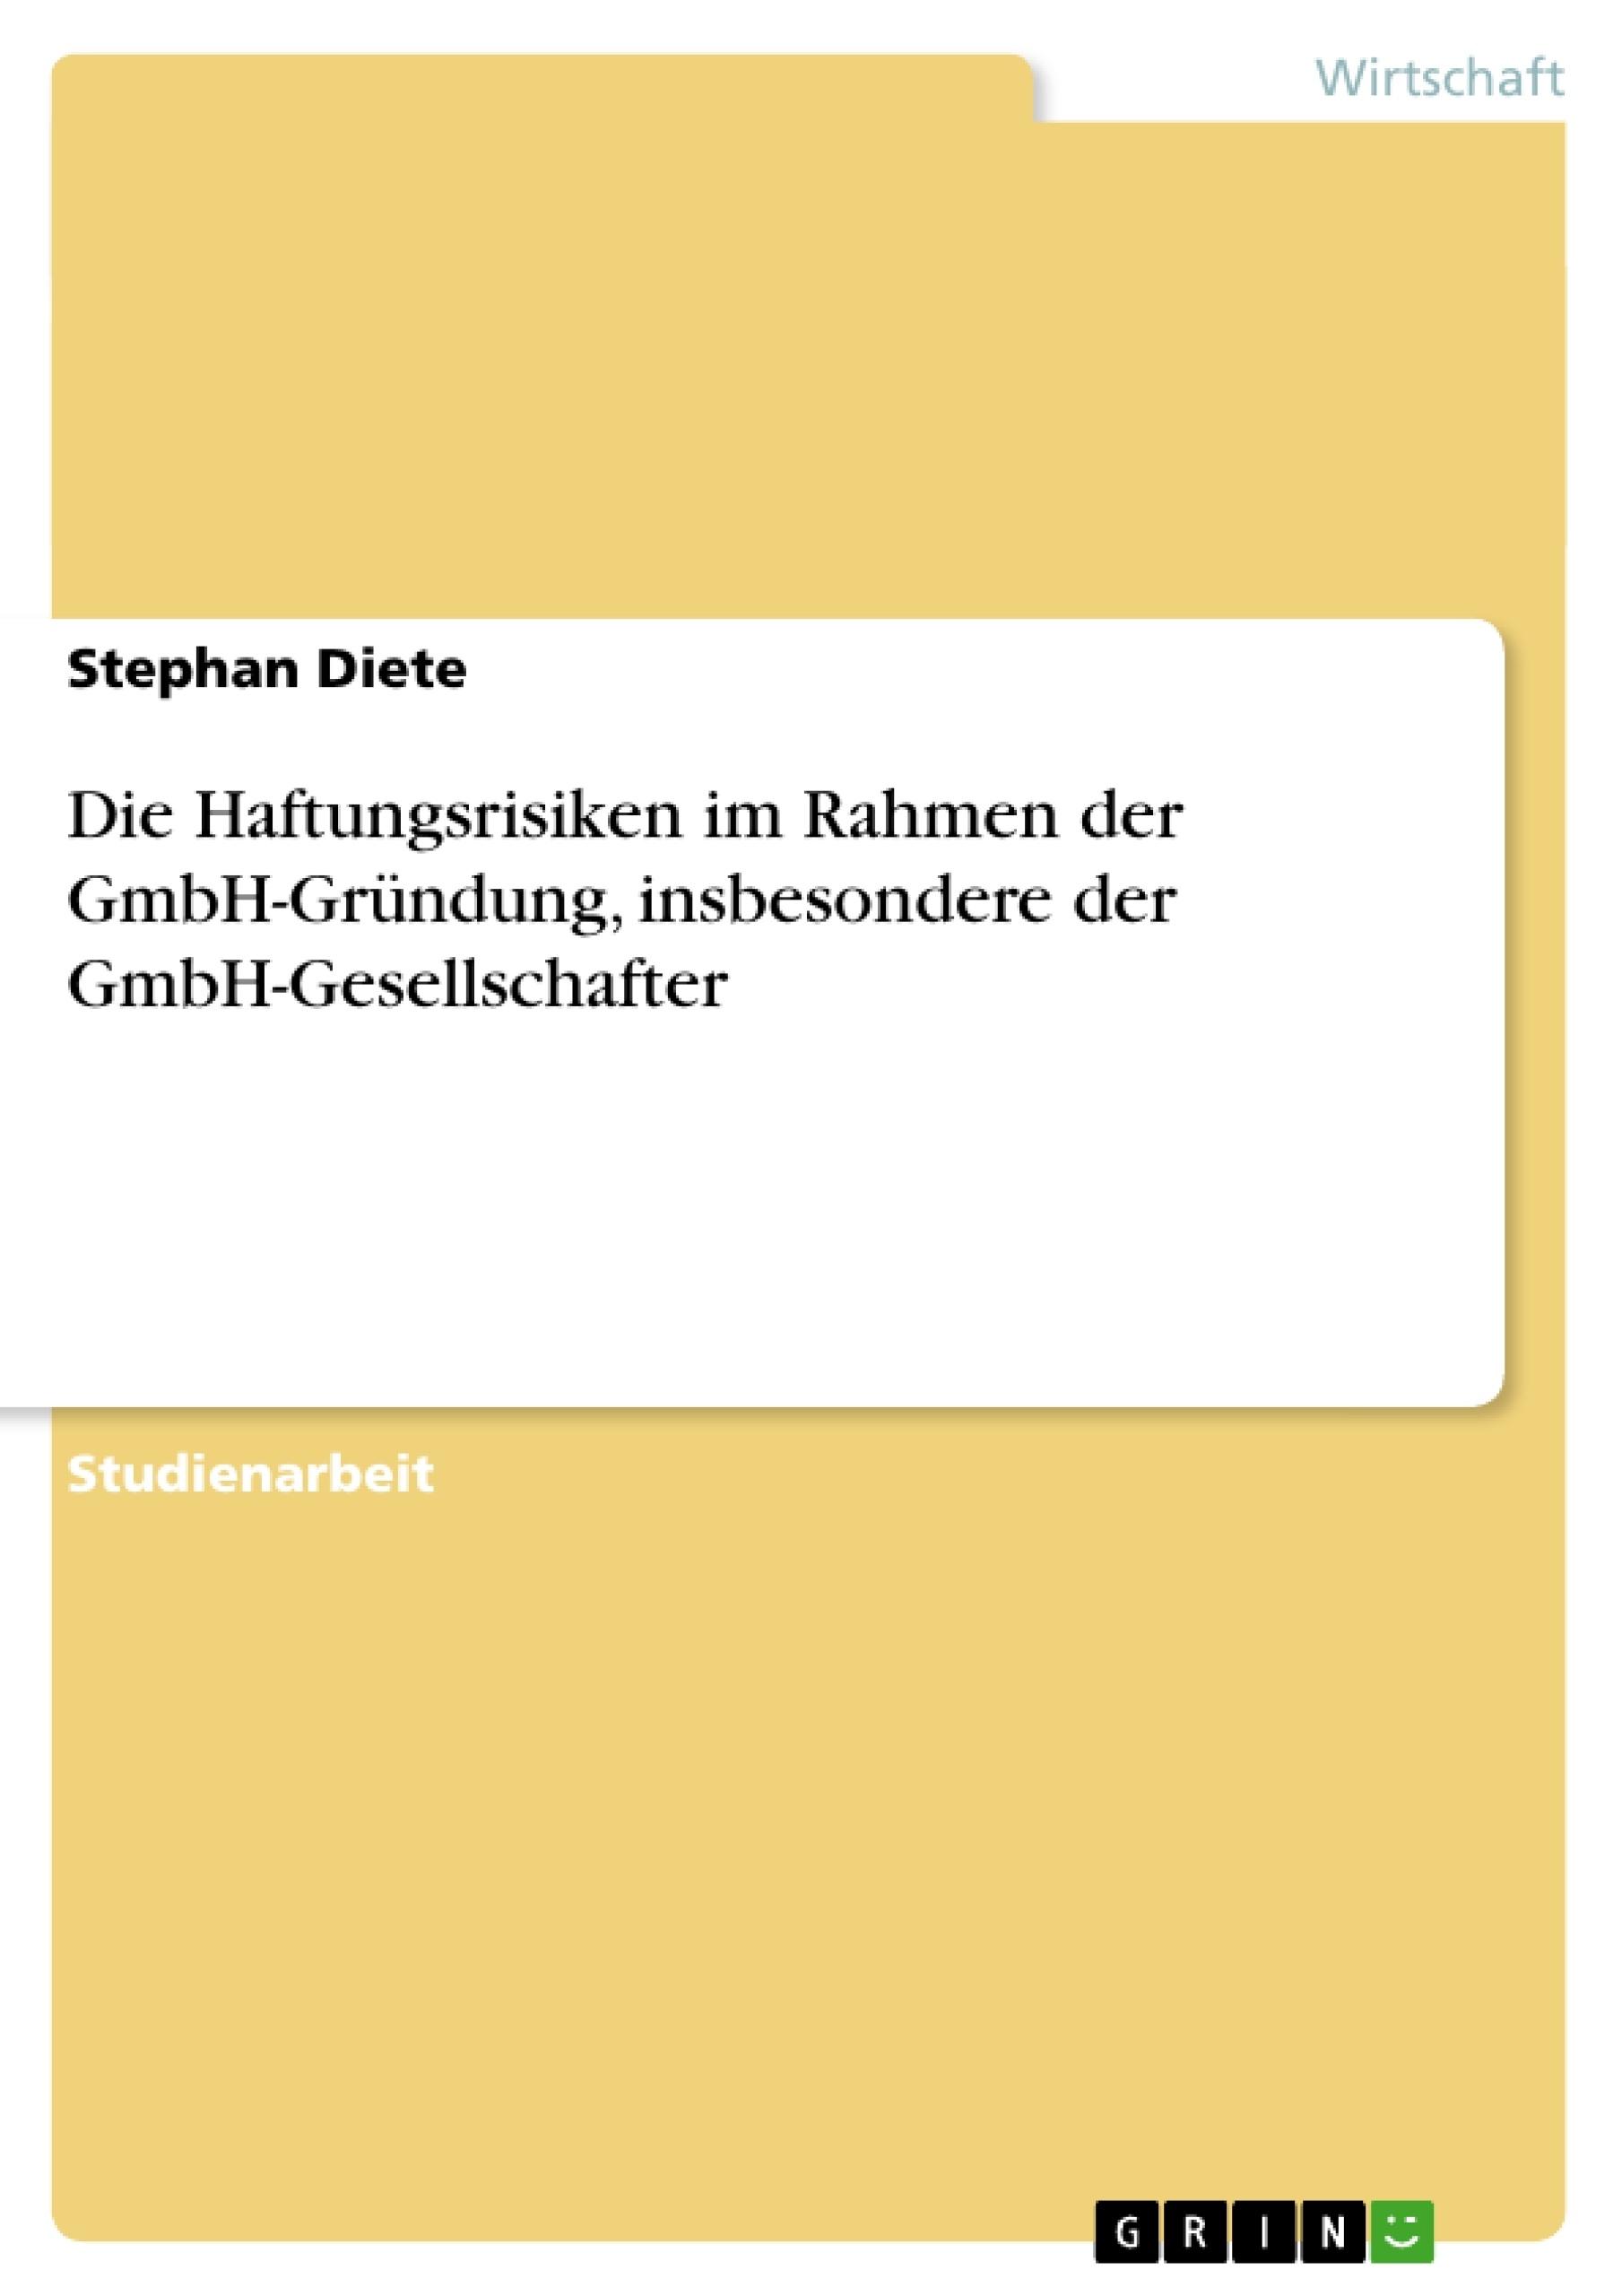 Titel: Die Haftungsrisiken im Rahmen der GmbH-Gründung, insbesondere der GmbH-Gesellschafter